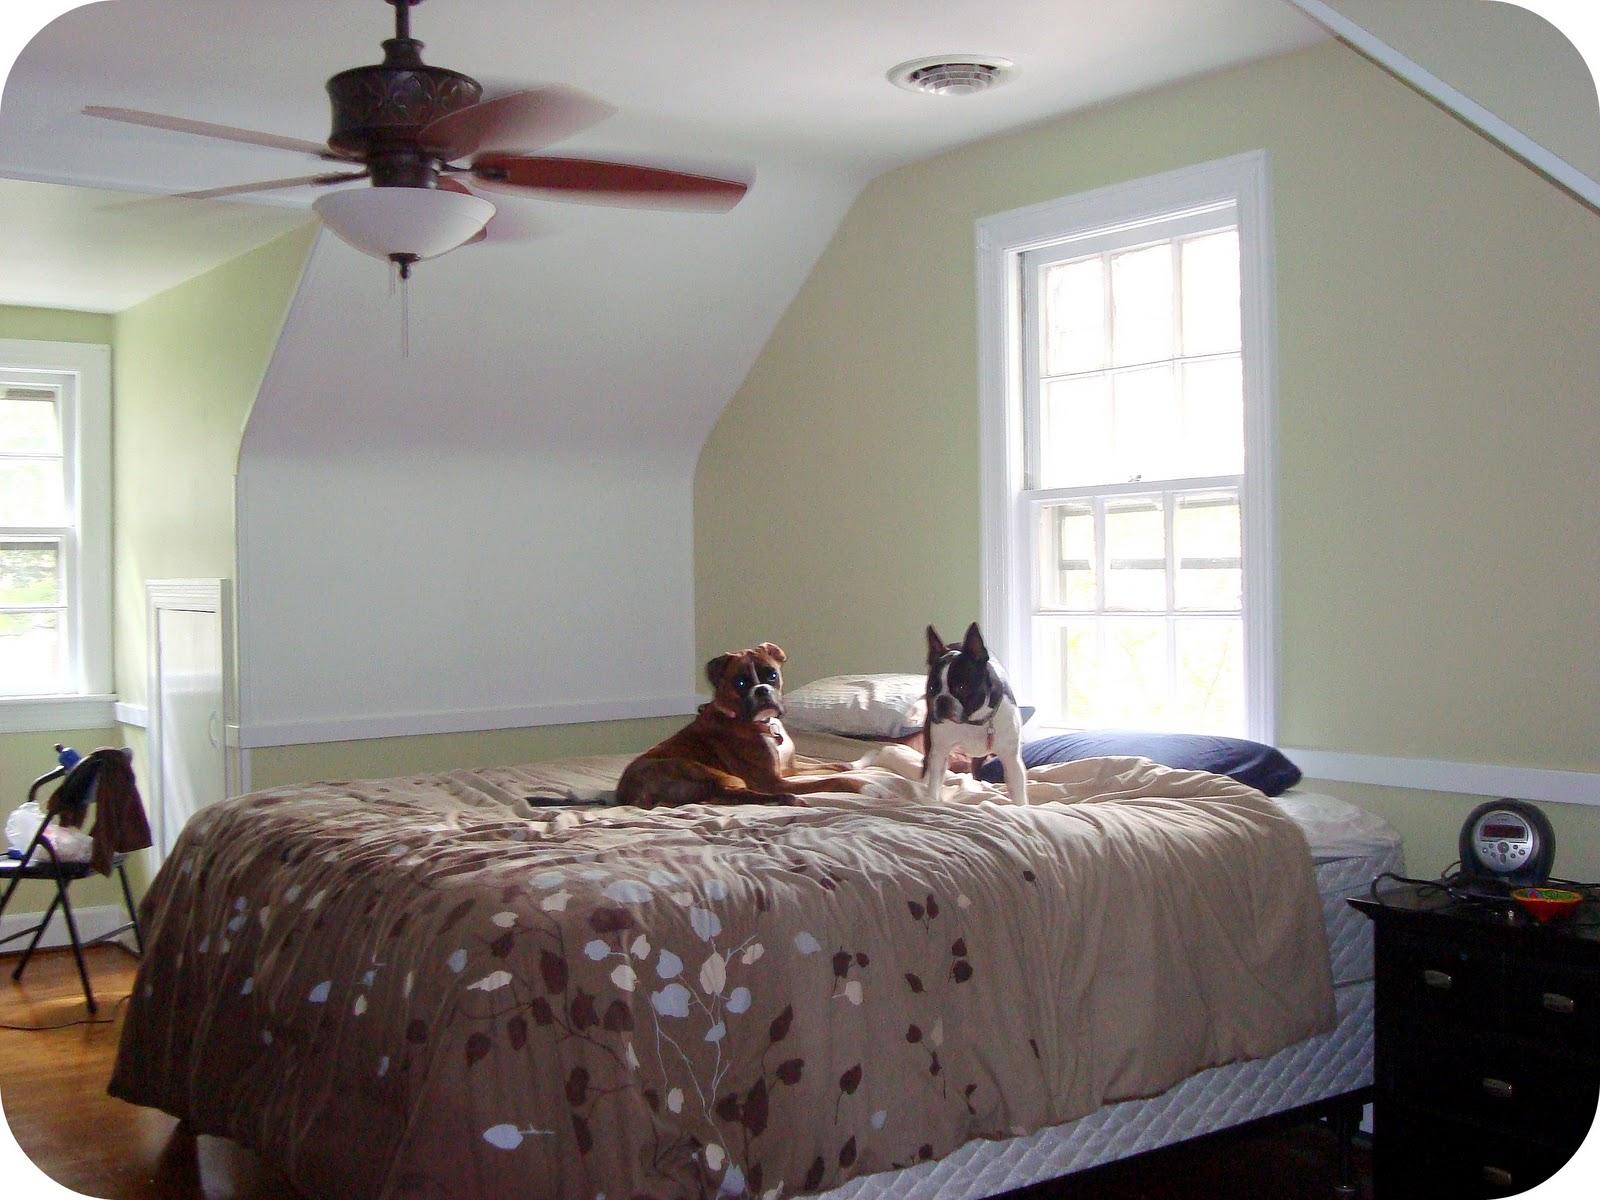 http://3.bp.blogspot.com/_k3MG3axNlpY/TQFdNPWh9YI/AAAAAAAAAuA/TlwxZpptlbI/s1600/bedroom1.jpg